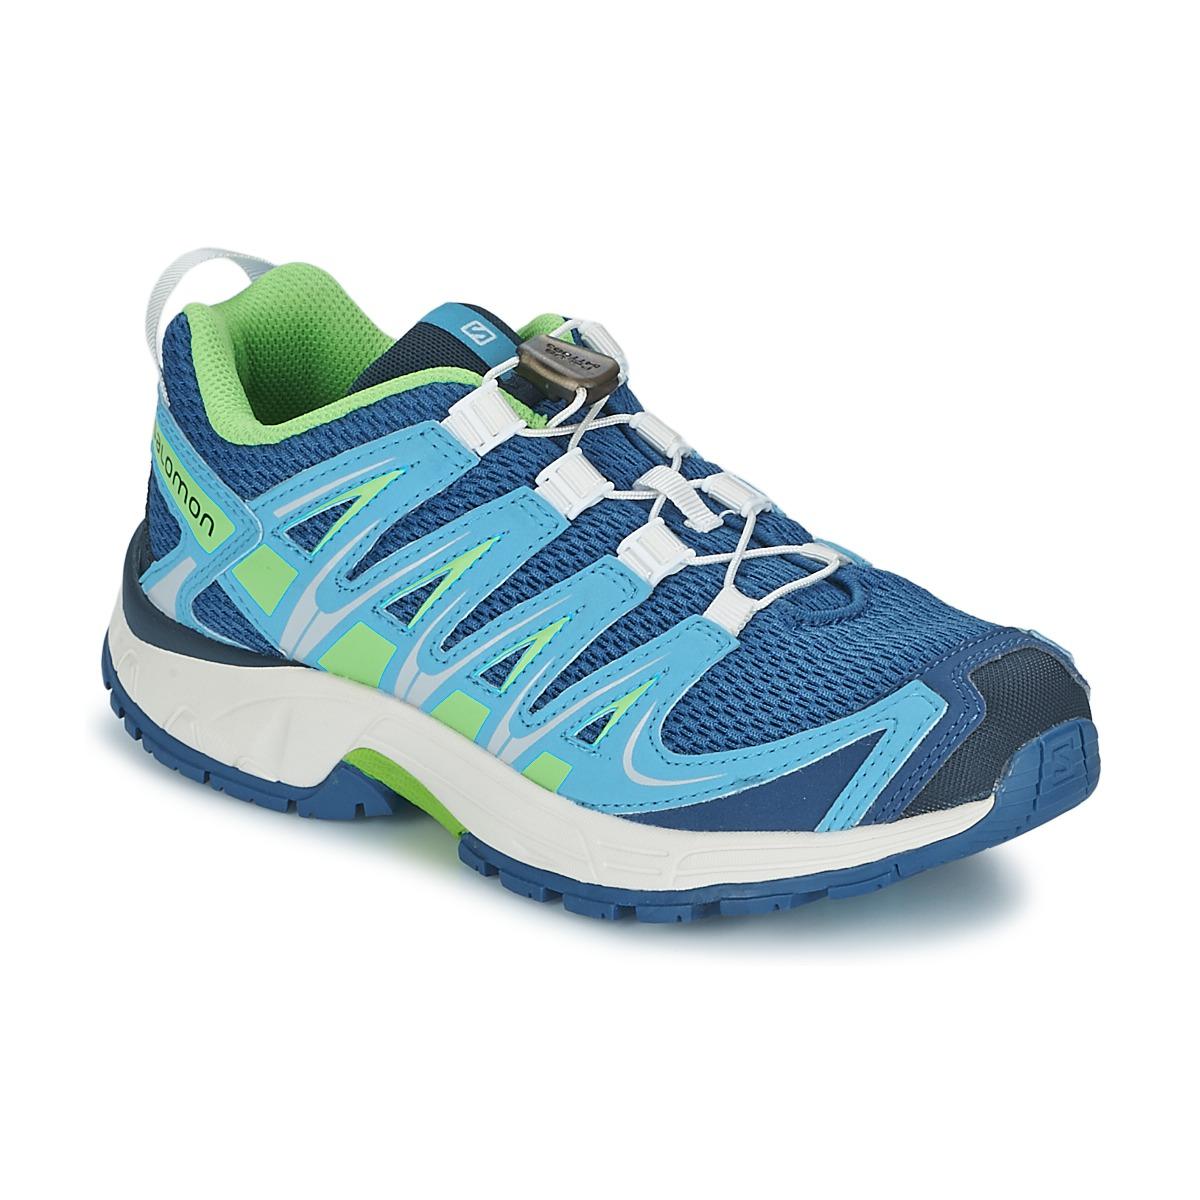 Chaussures-de-sport Salomon XA PRO 3D JUNIOR Bleu / Vert